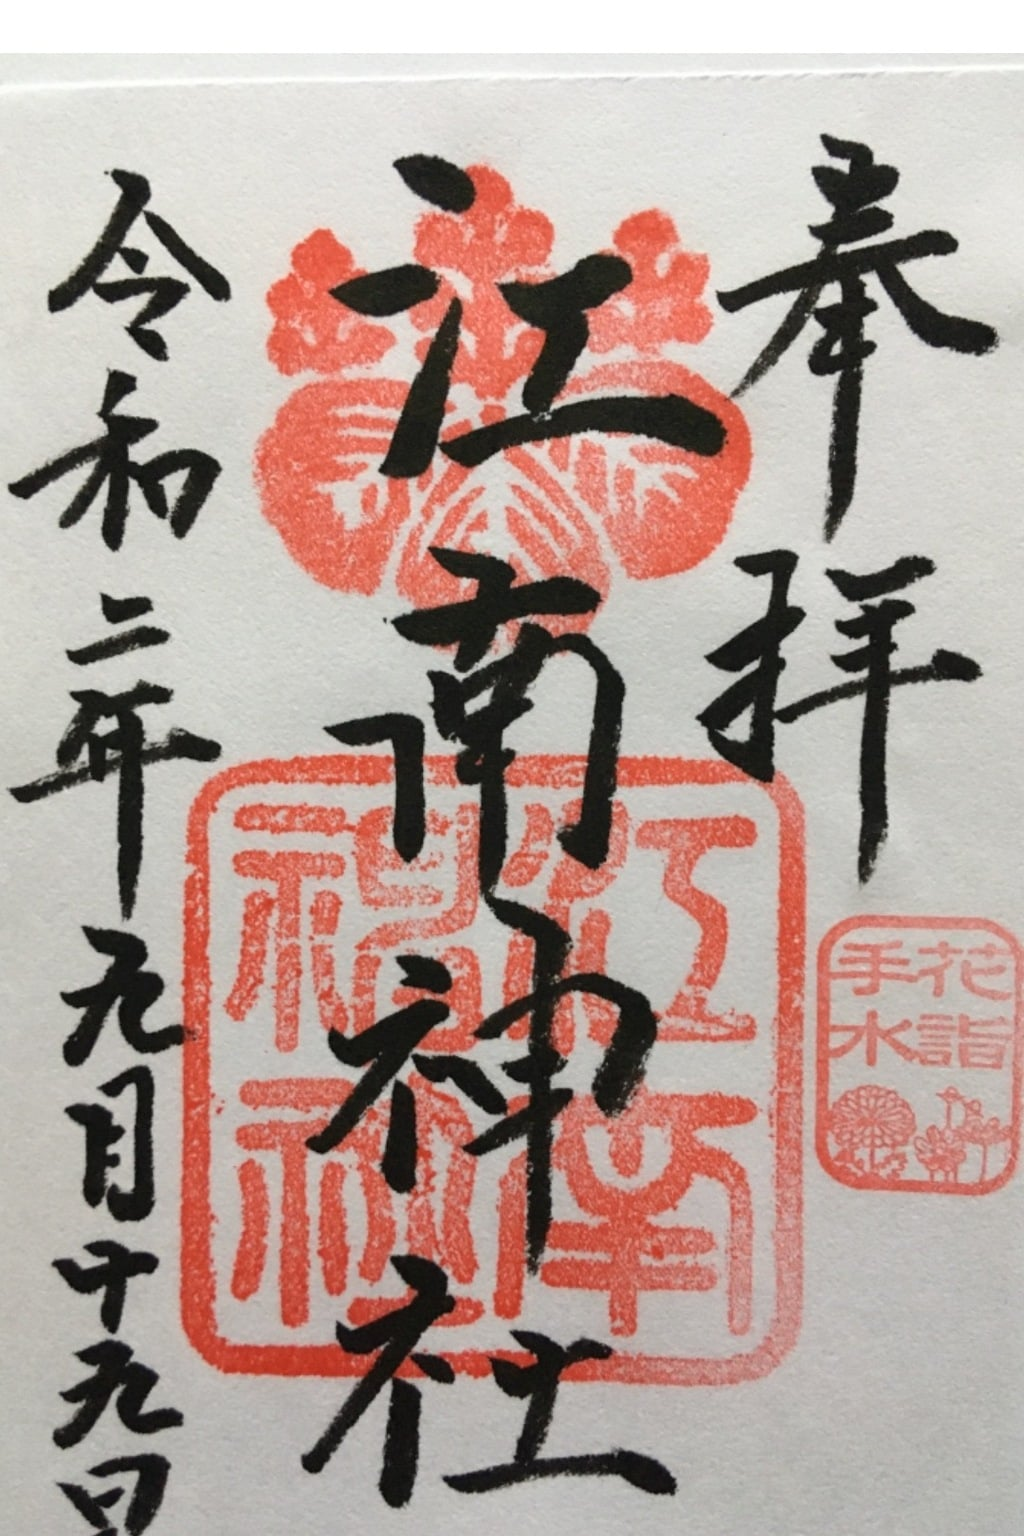 江南神社の御朱印